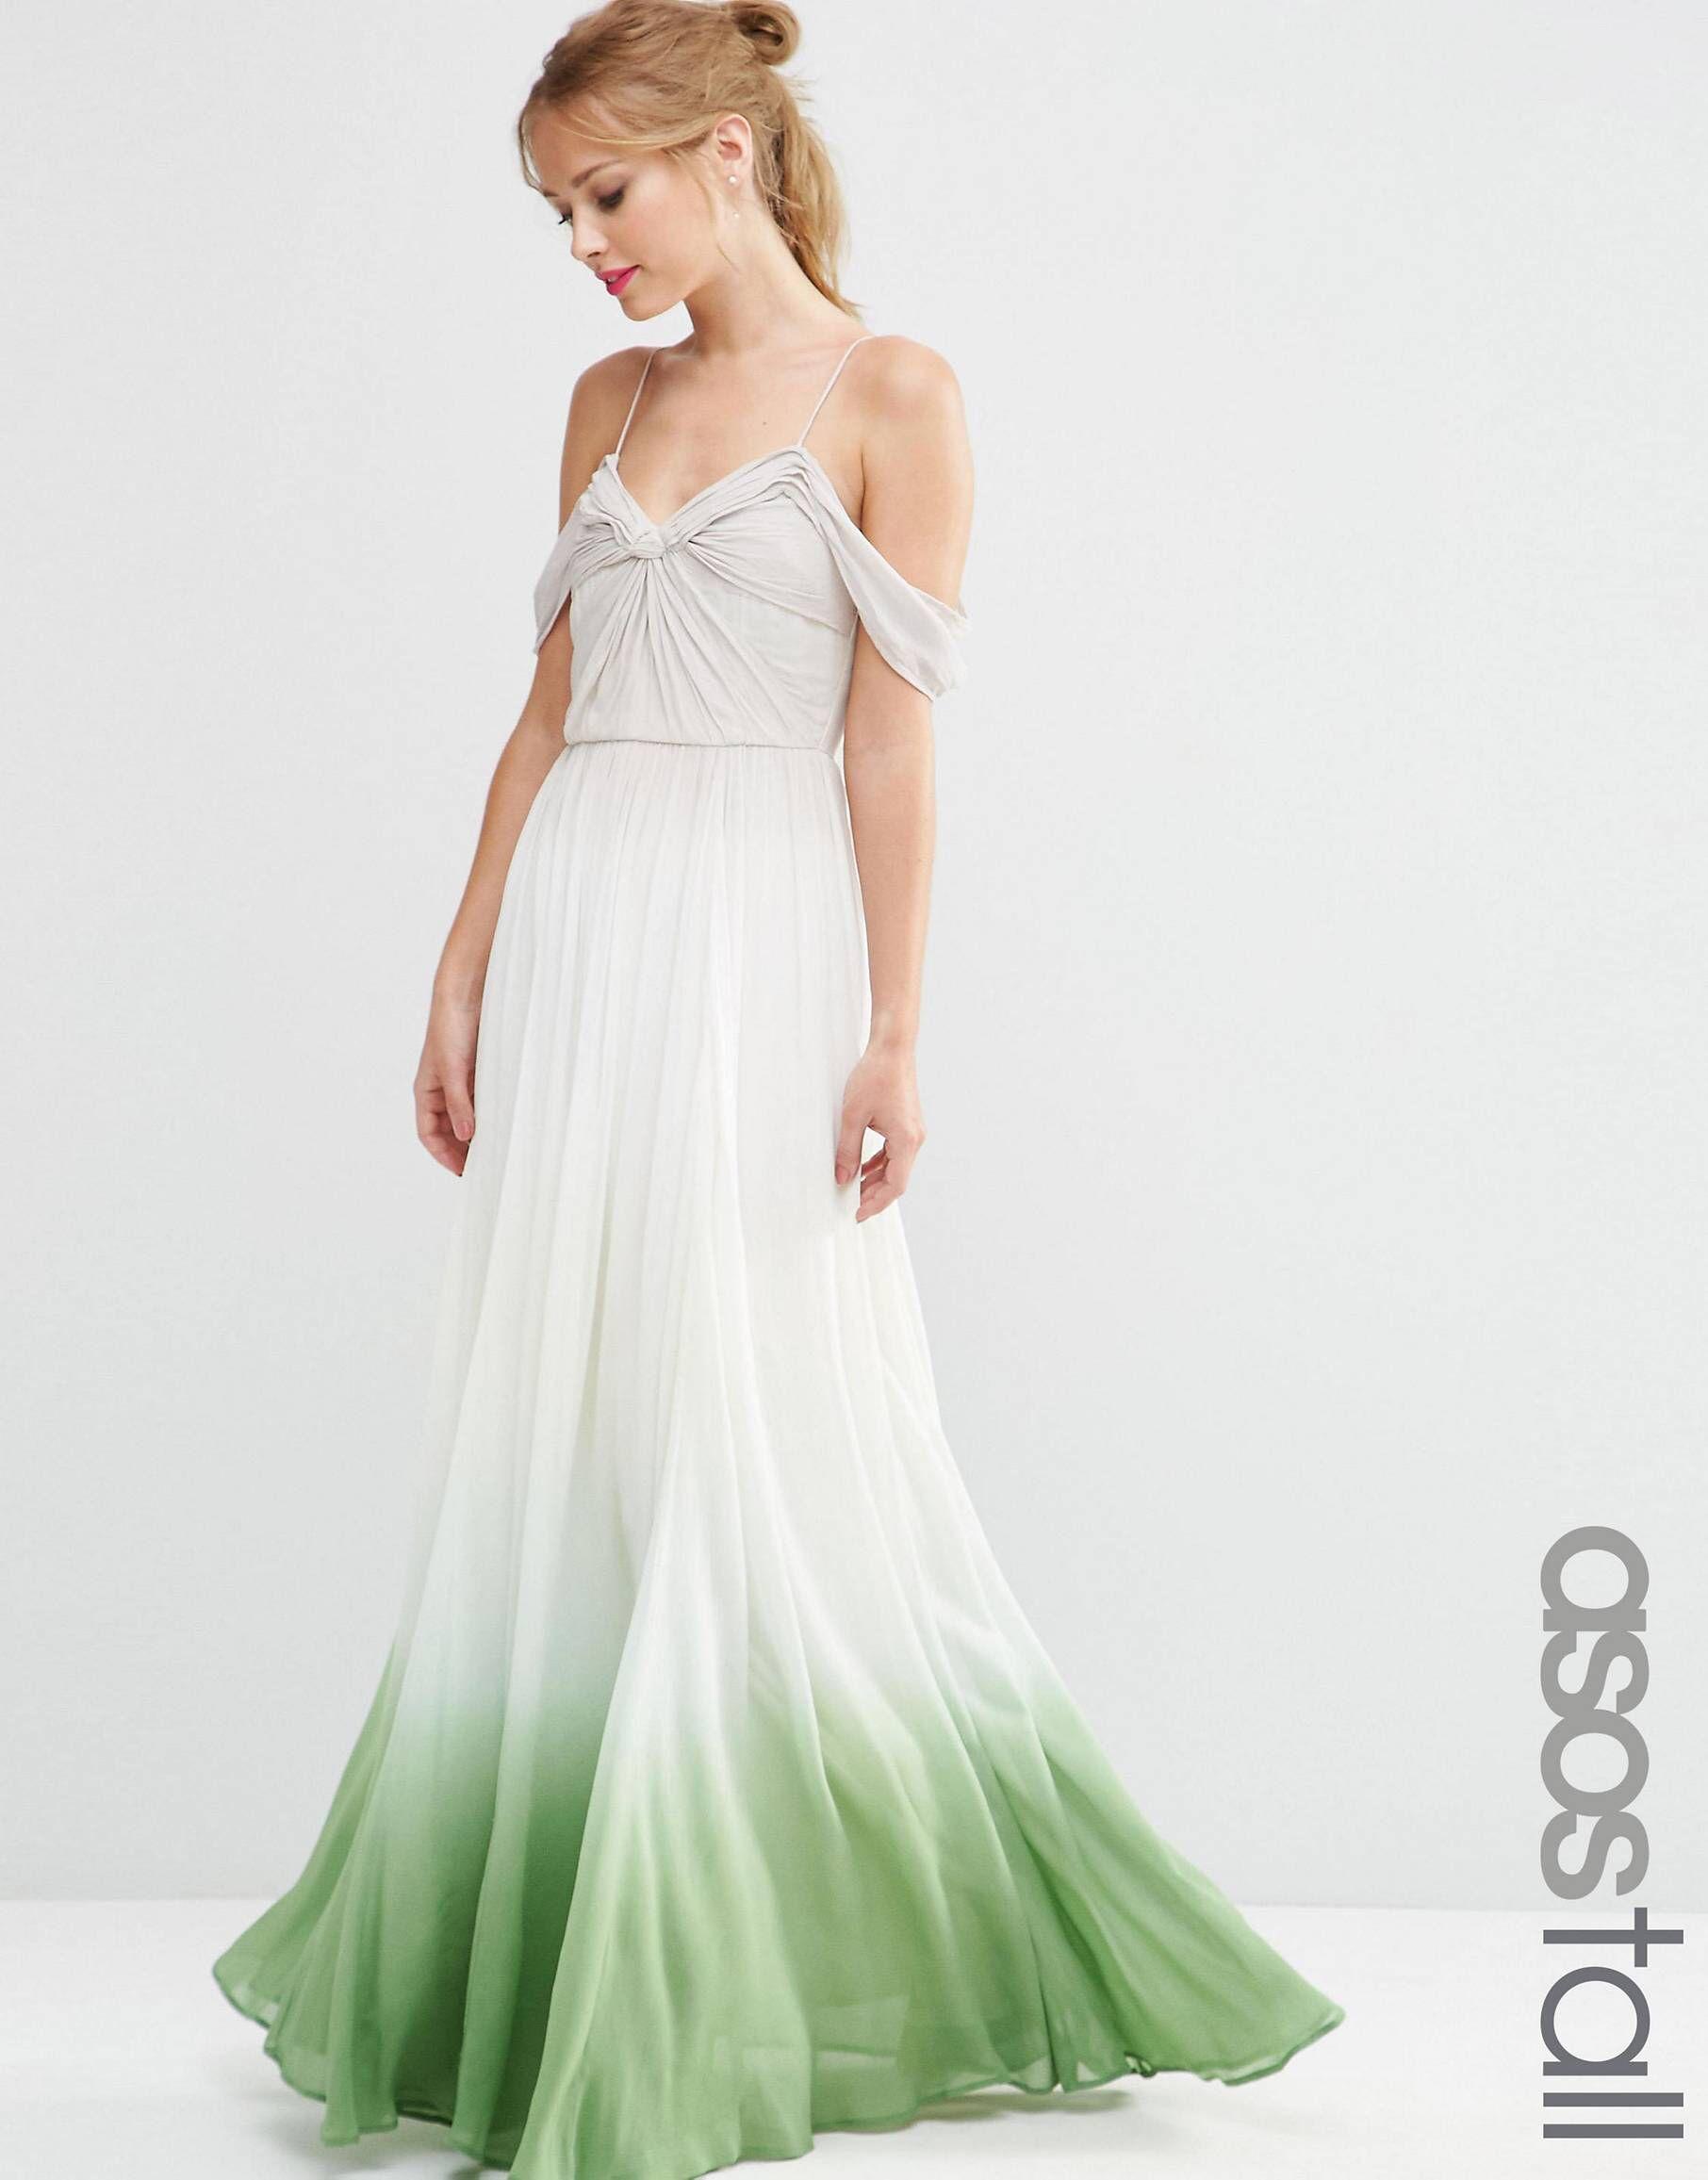 ASOS TALL SALON Ombre Ruched Maxi Dress at asos.com  Farbige